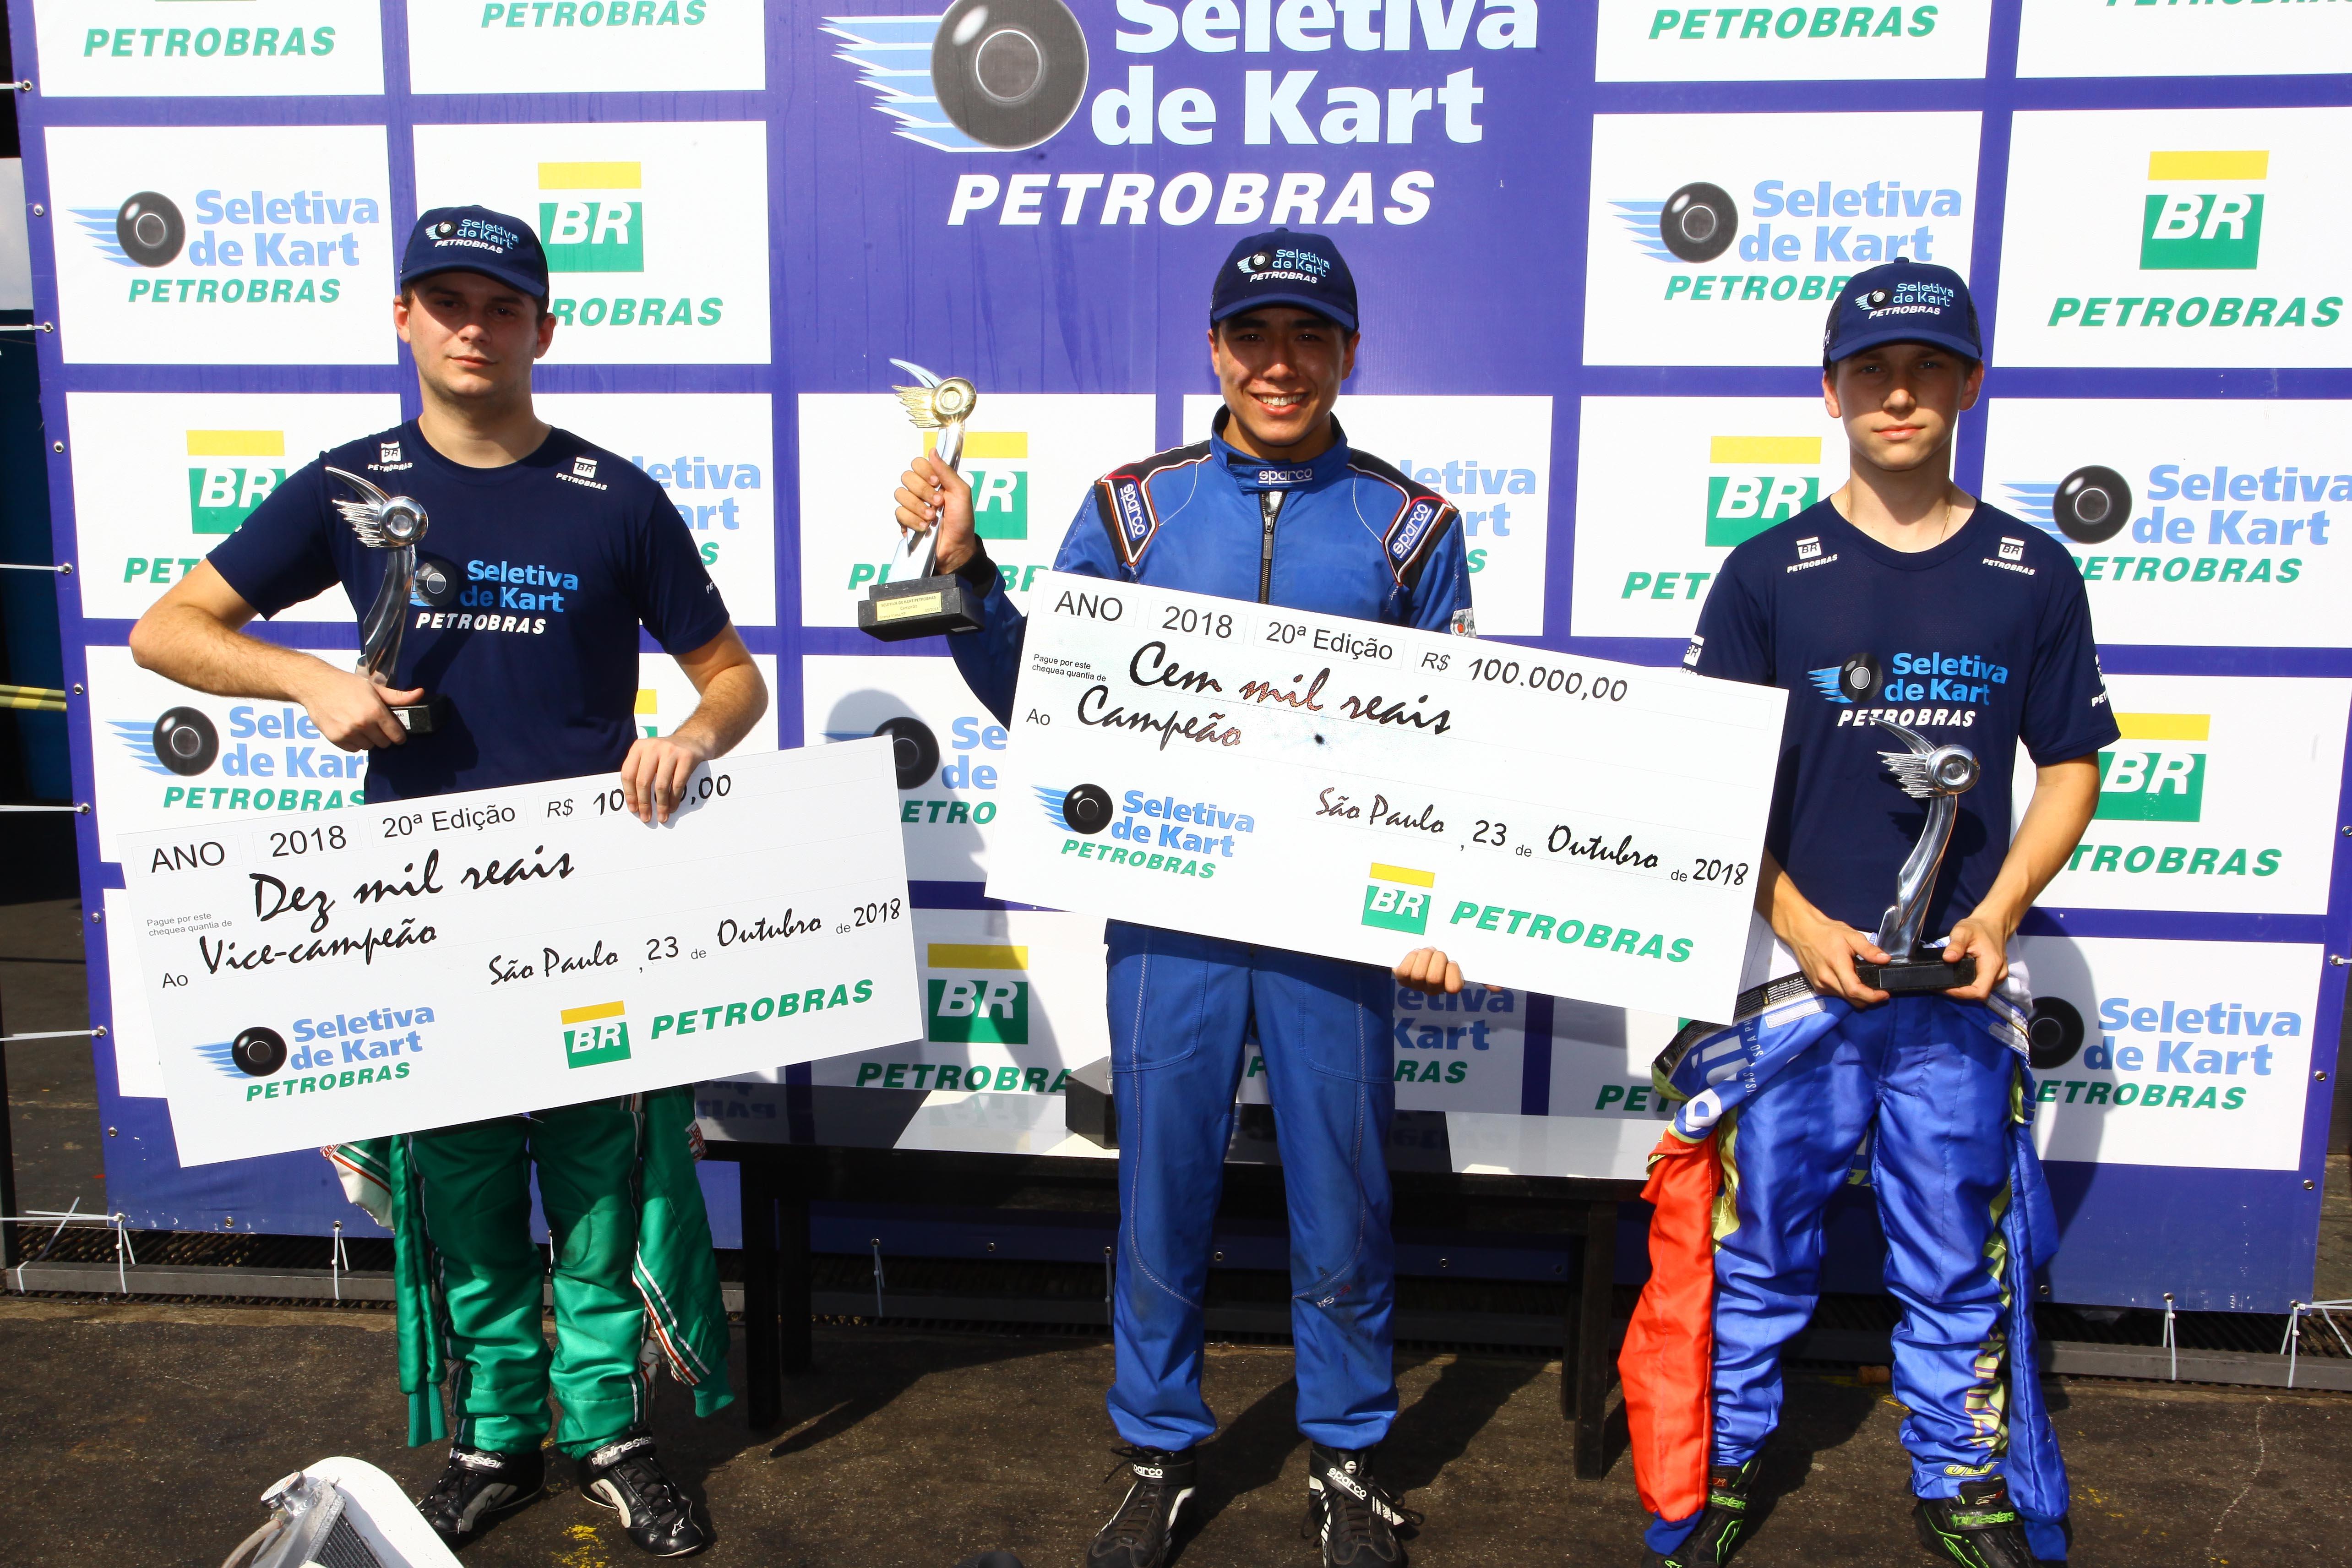 Photo of Kart – Campeão e vice da Seletiva de Kart Petrobras 2018 farão teste de Fórmula 4 com a equipe Carlin